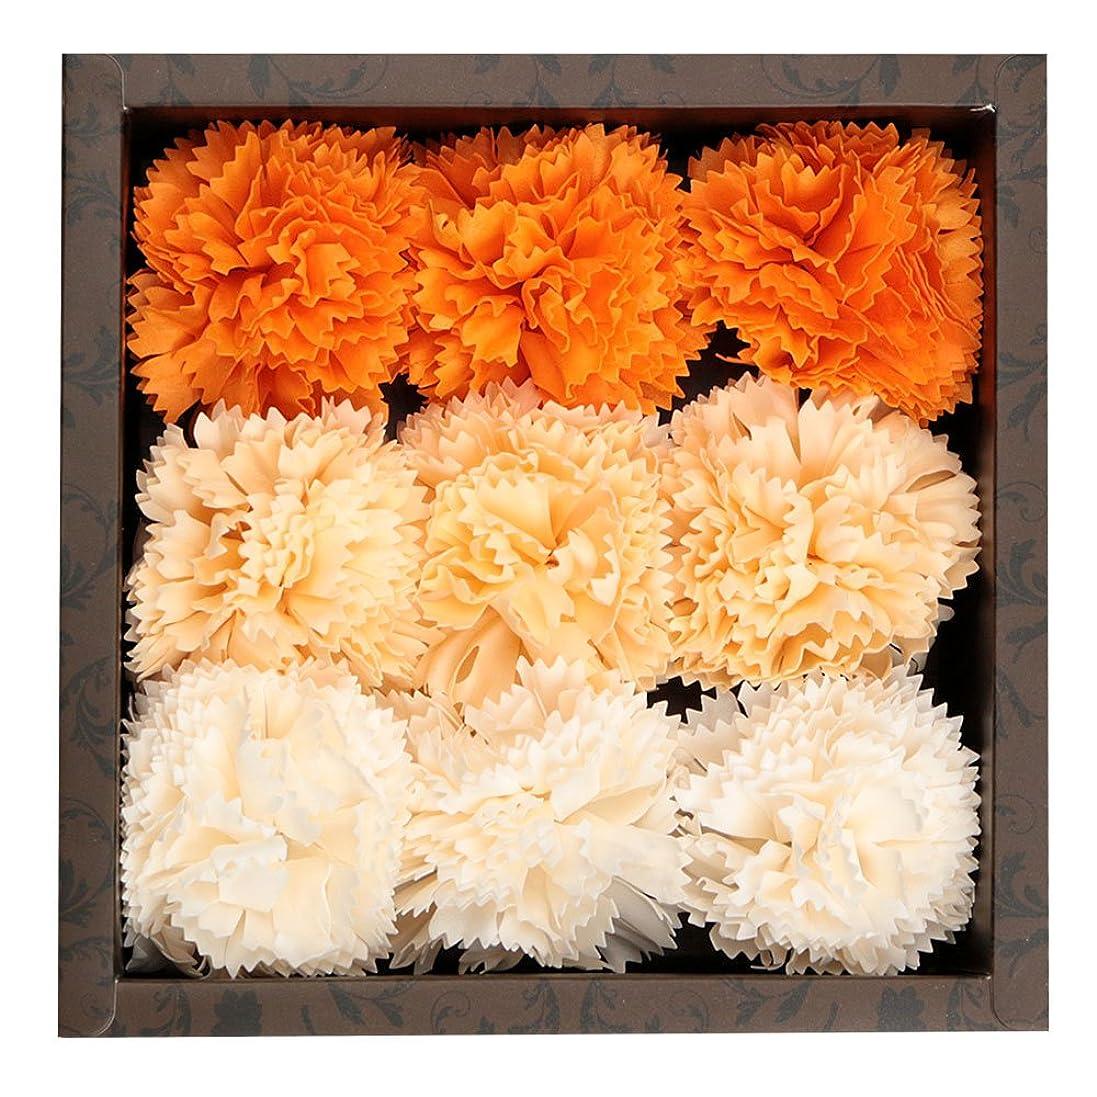 驚いたことに禁止フェンス(キステ)Kisste 入浴剤 フラワーフレグランス*Carnation*~石鹸の香り~ 5-3-01955